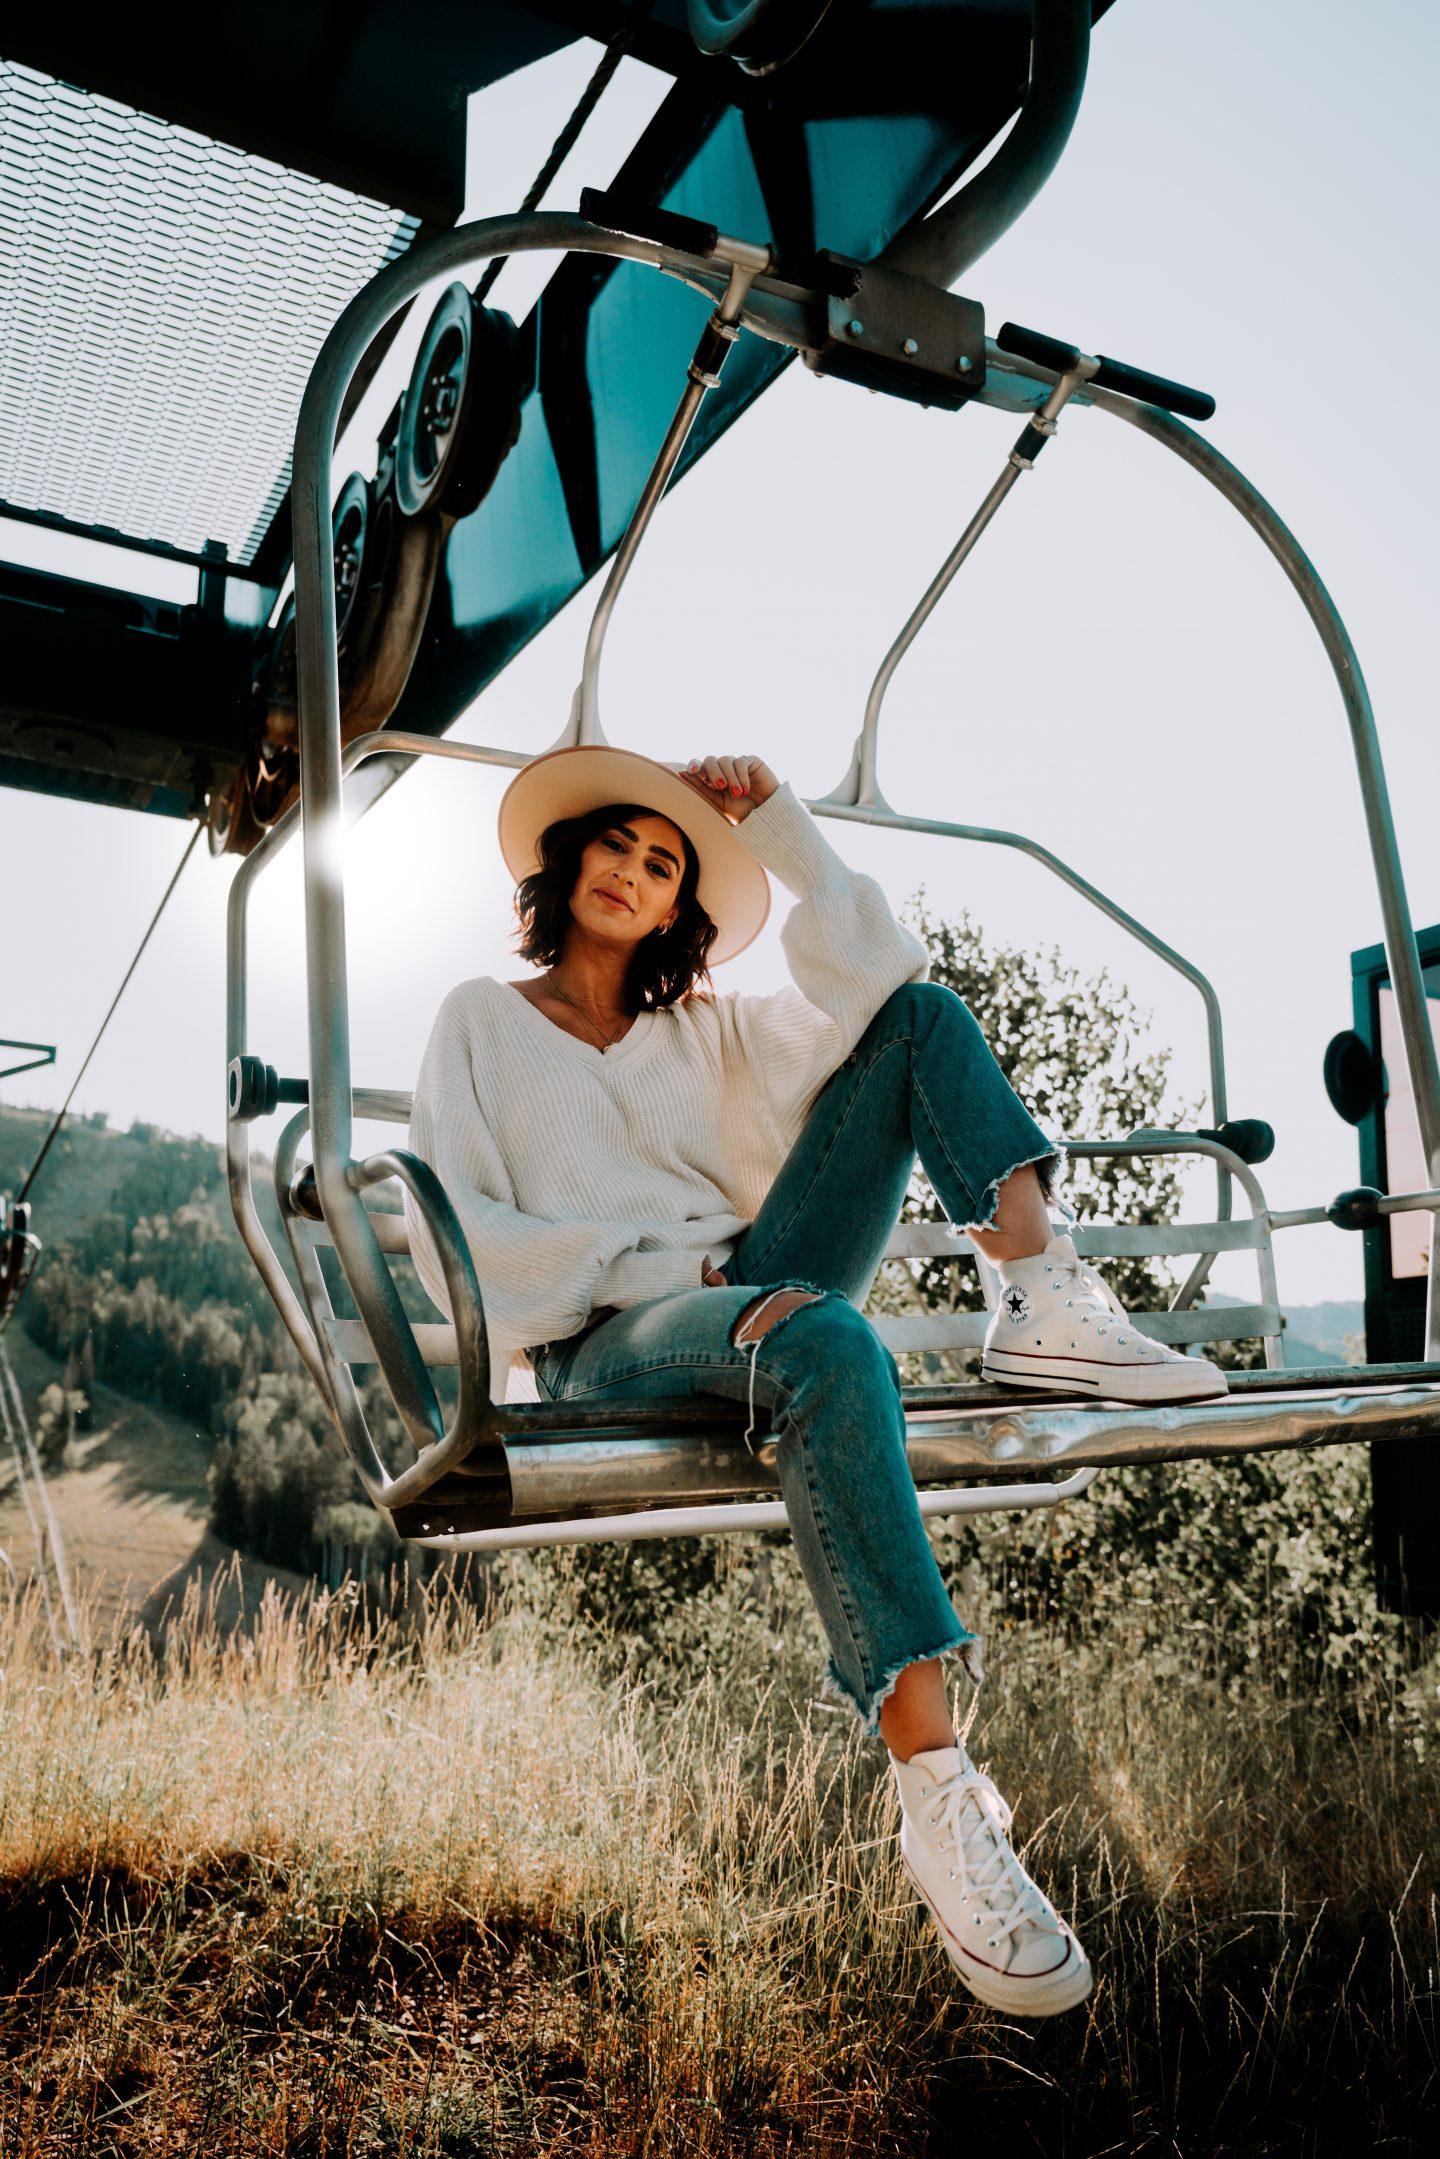 Lisa Homsy on a ski lift in Park City, Utah